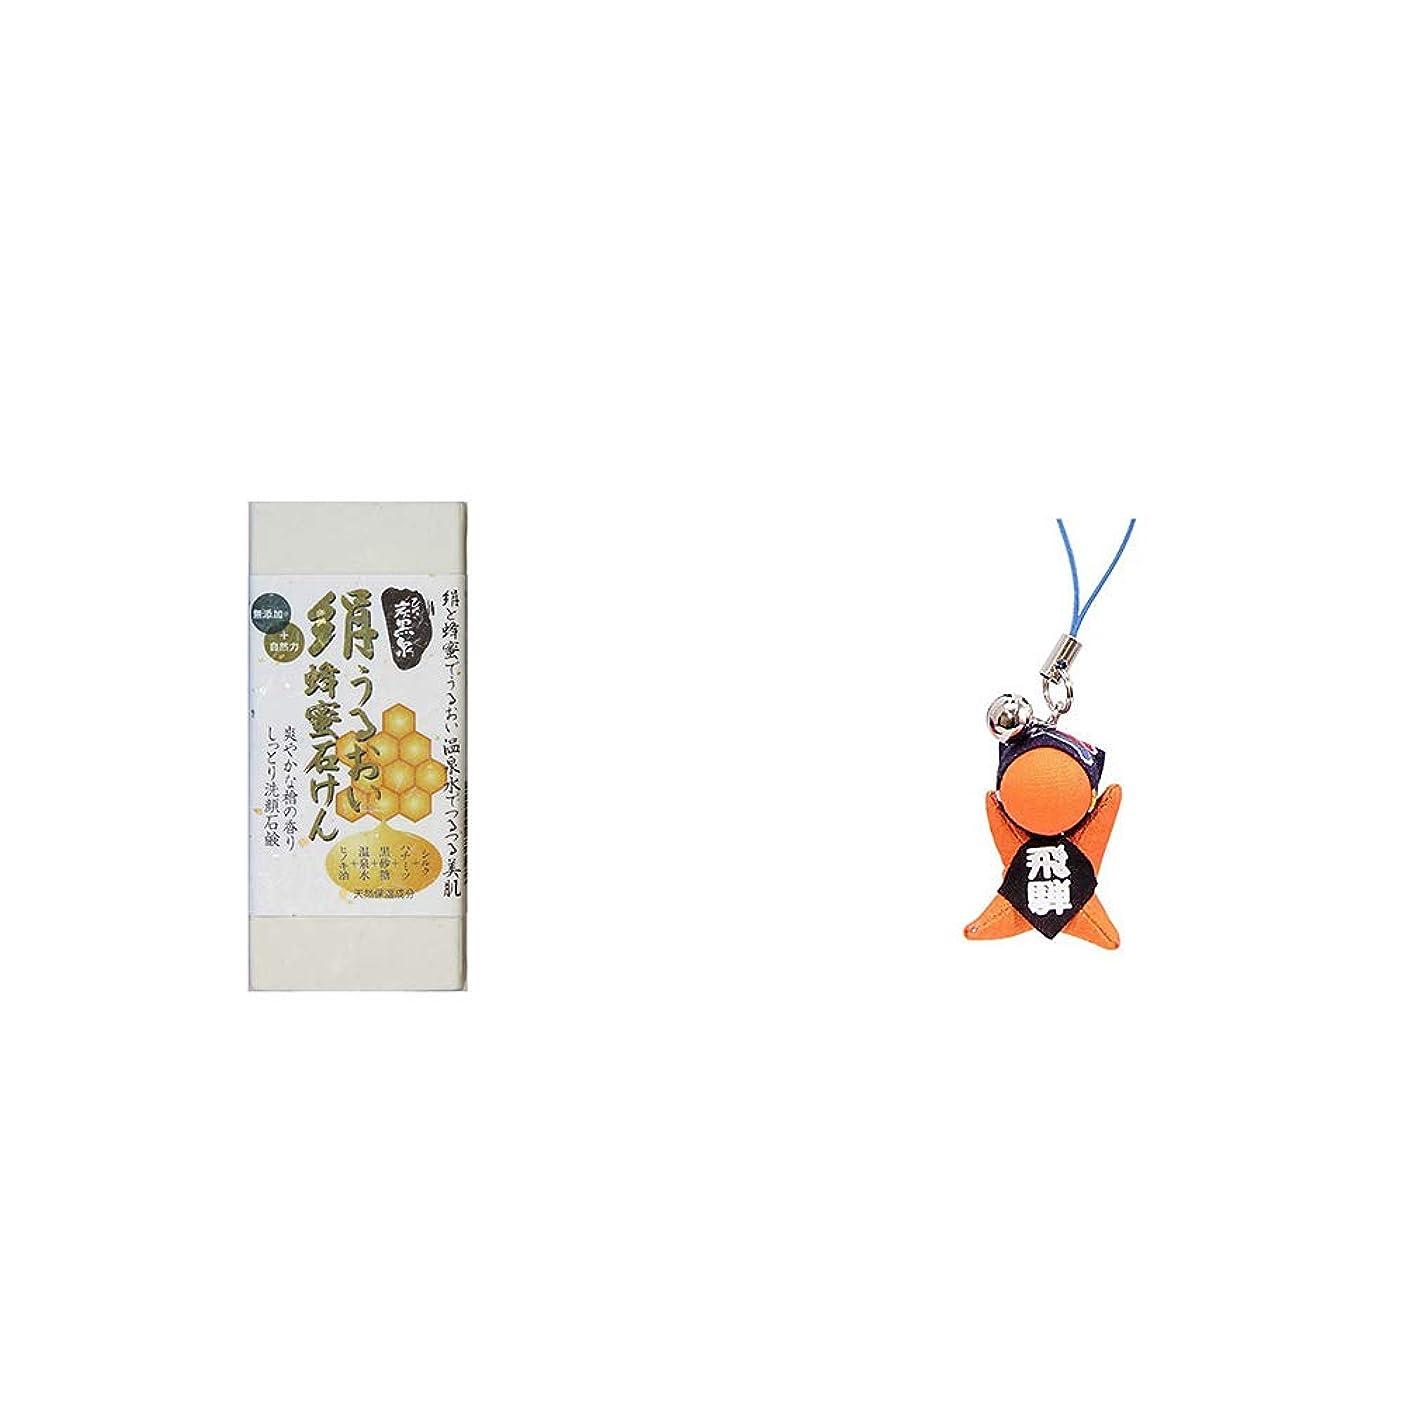 [2点セット] ひのき炭黒泉 絹うるおい蜂蜜石けん(75g×2)?さるぼぼ幸福ストラップ 【黄】 / 風水カラー全9種類 金運?財運 お守り//